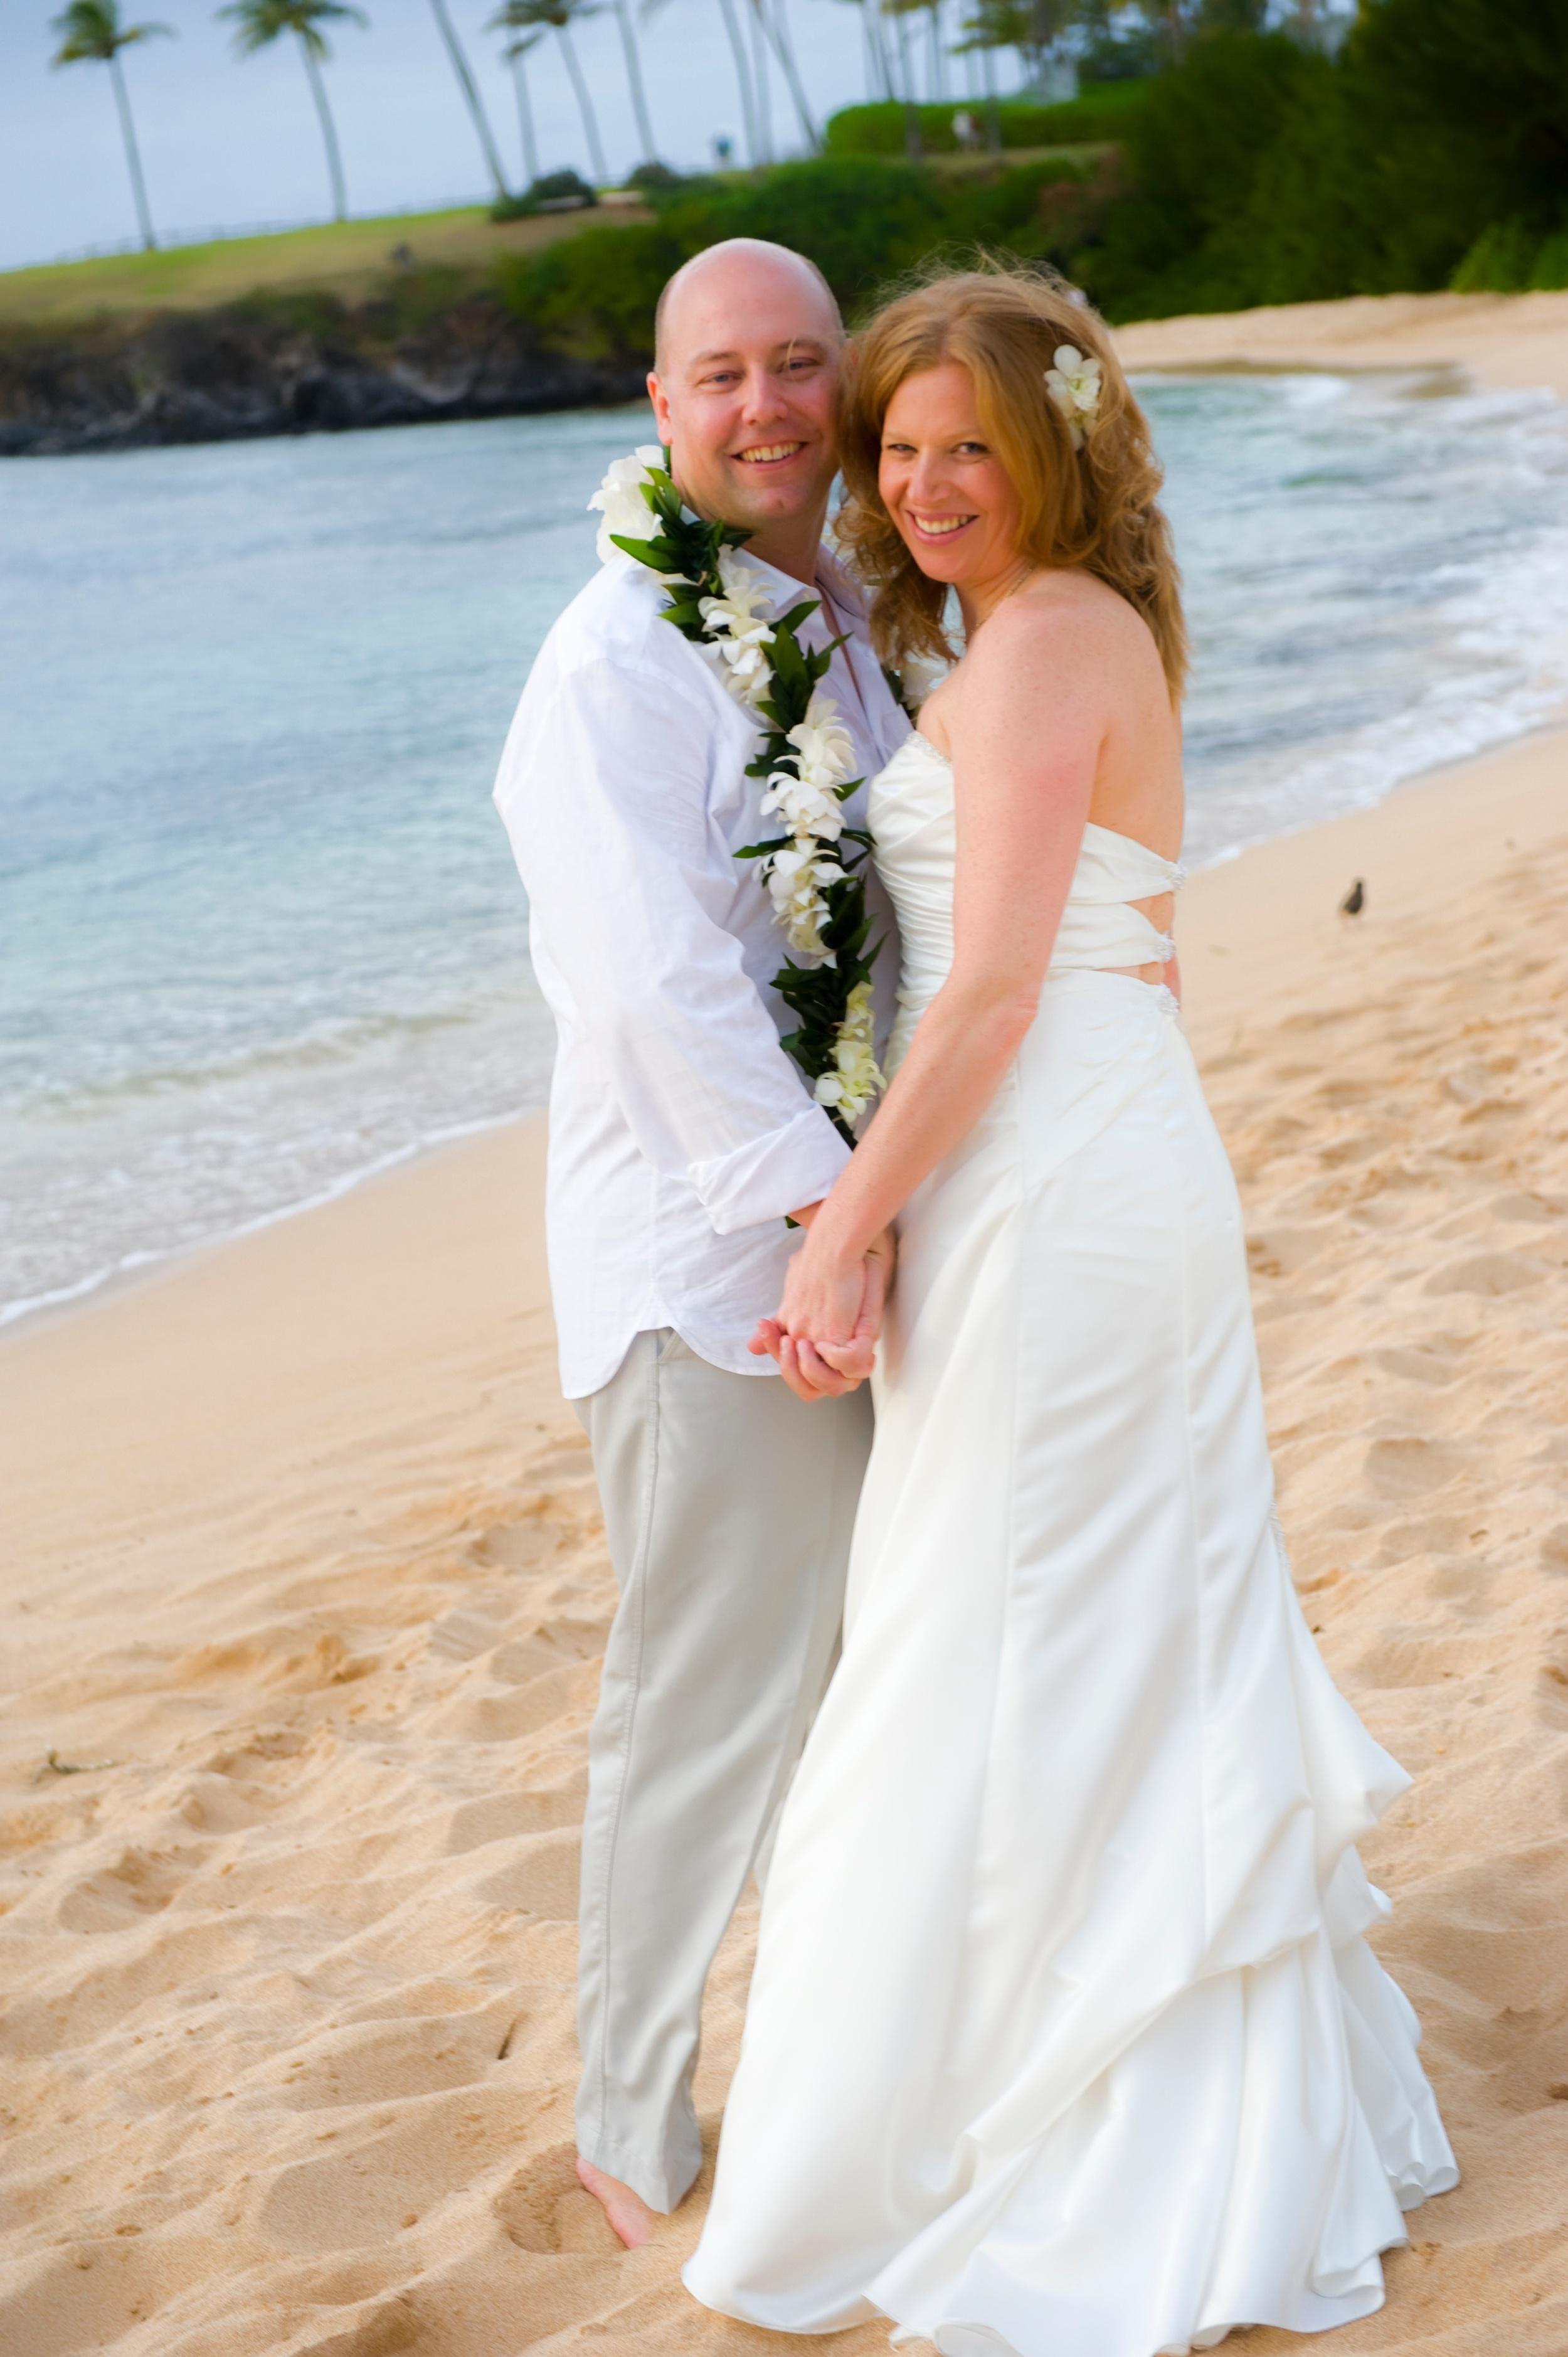 Wedding++31718-1852469841-O.jpg